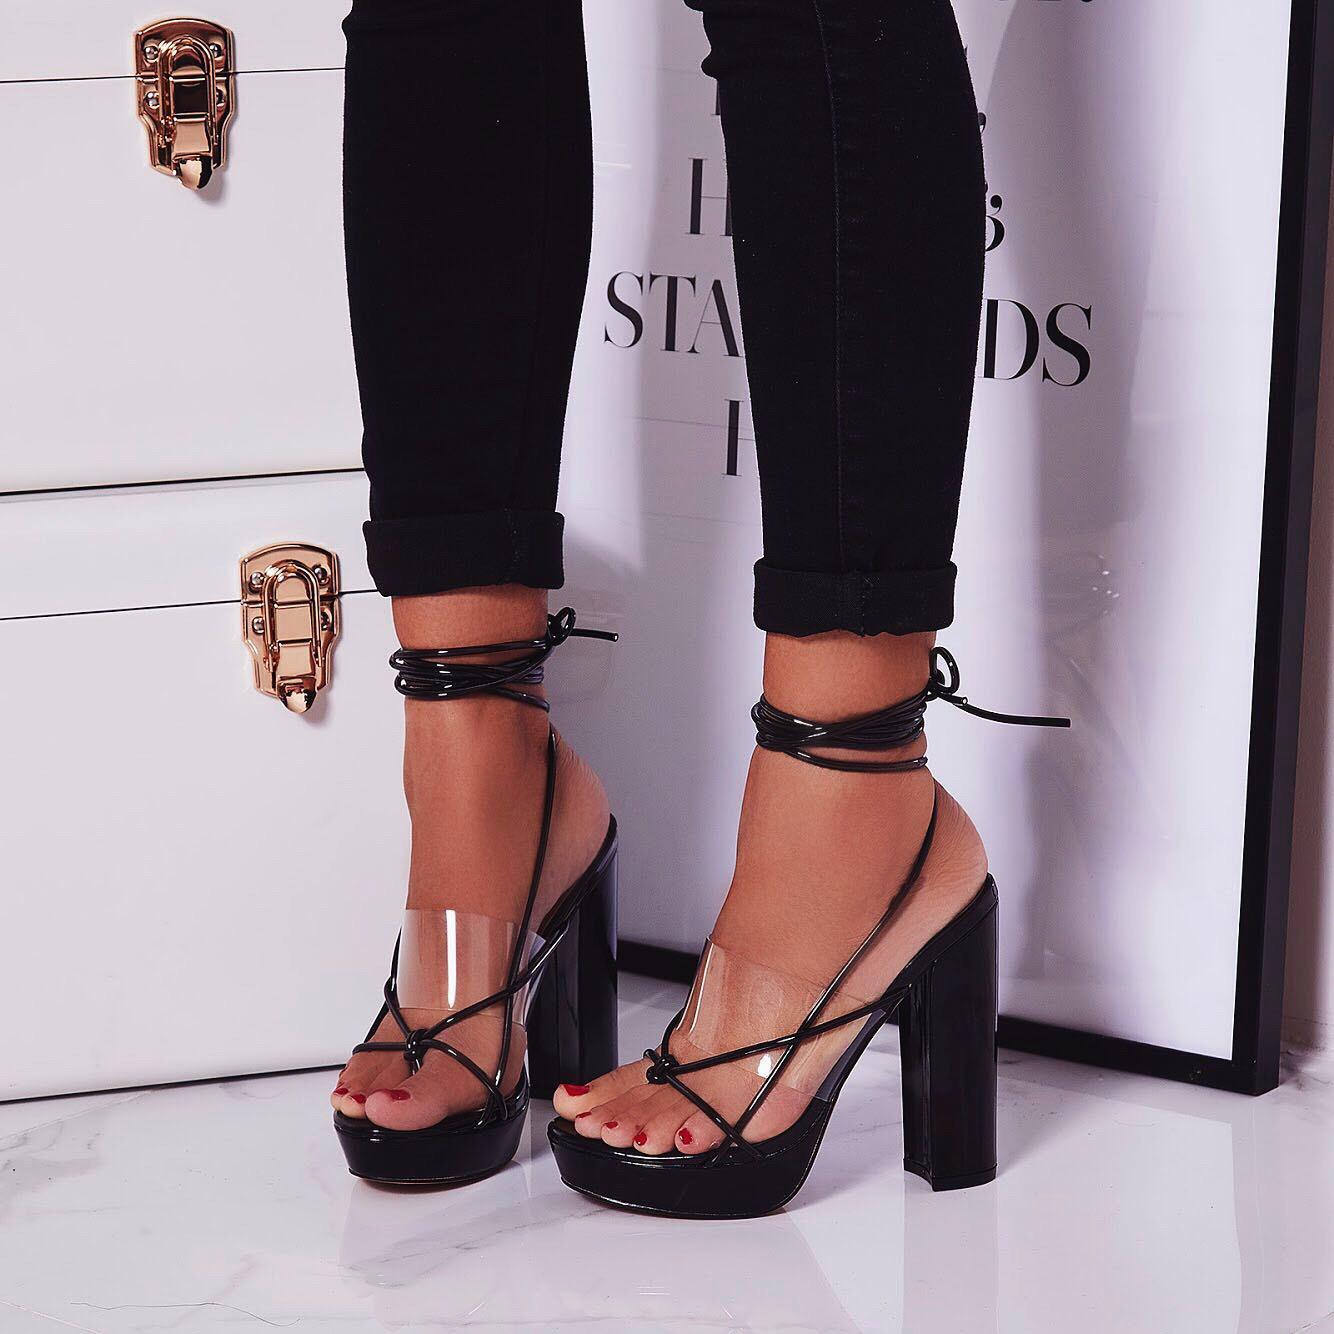 Jamie Lace Up Perspex Platform Heel In Black Patent